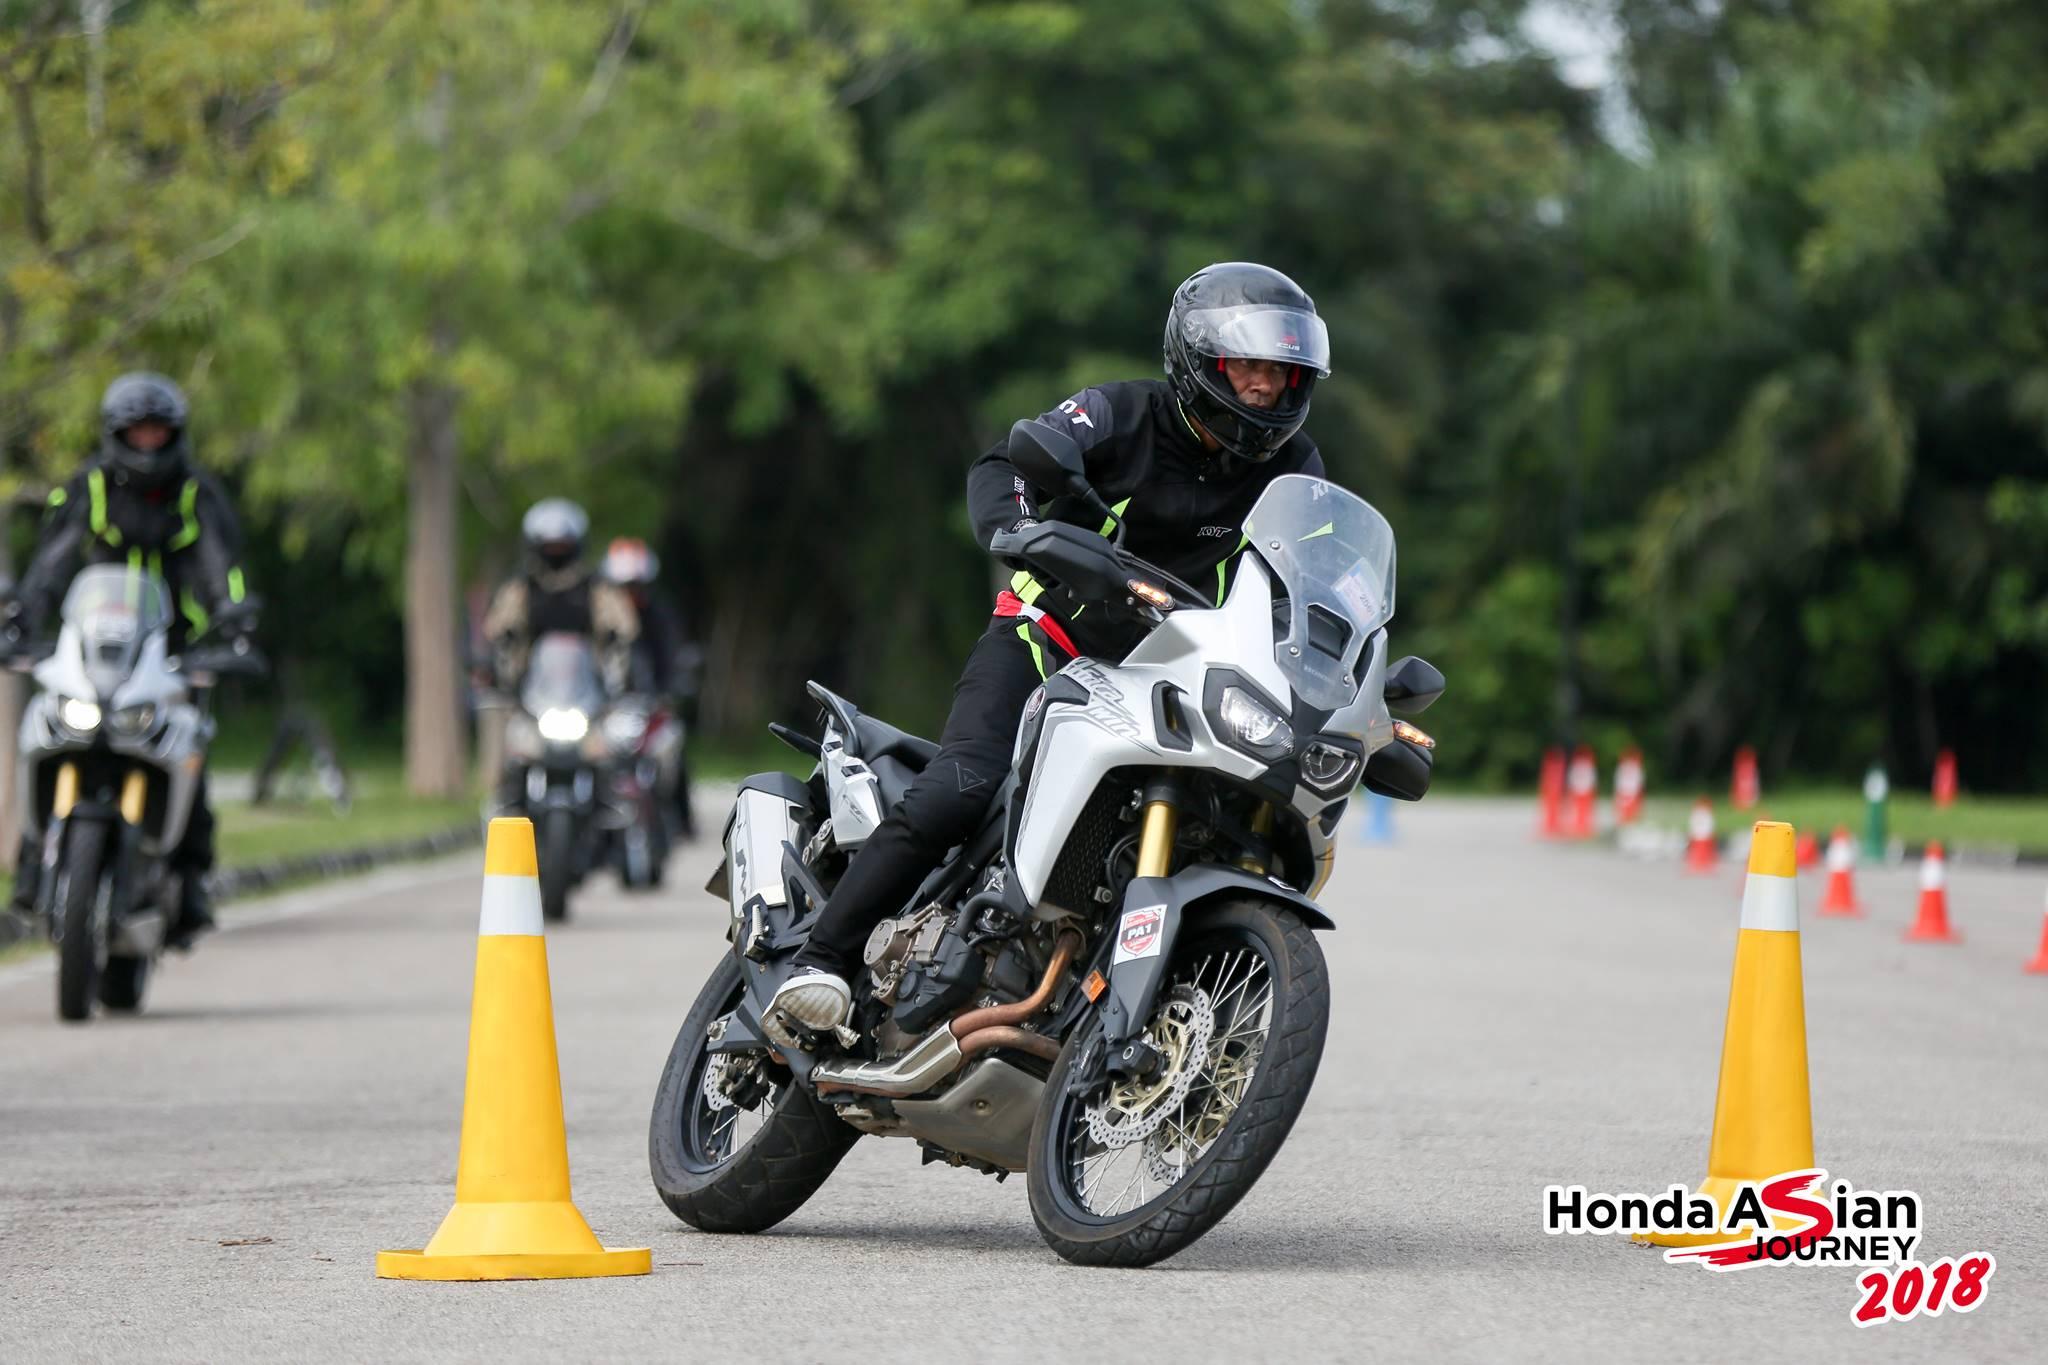 honda-asian-journey-2018-xe-tinhte-011.jpg